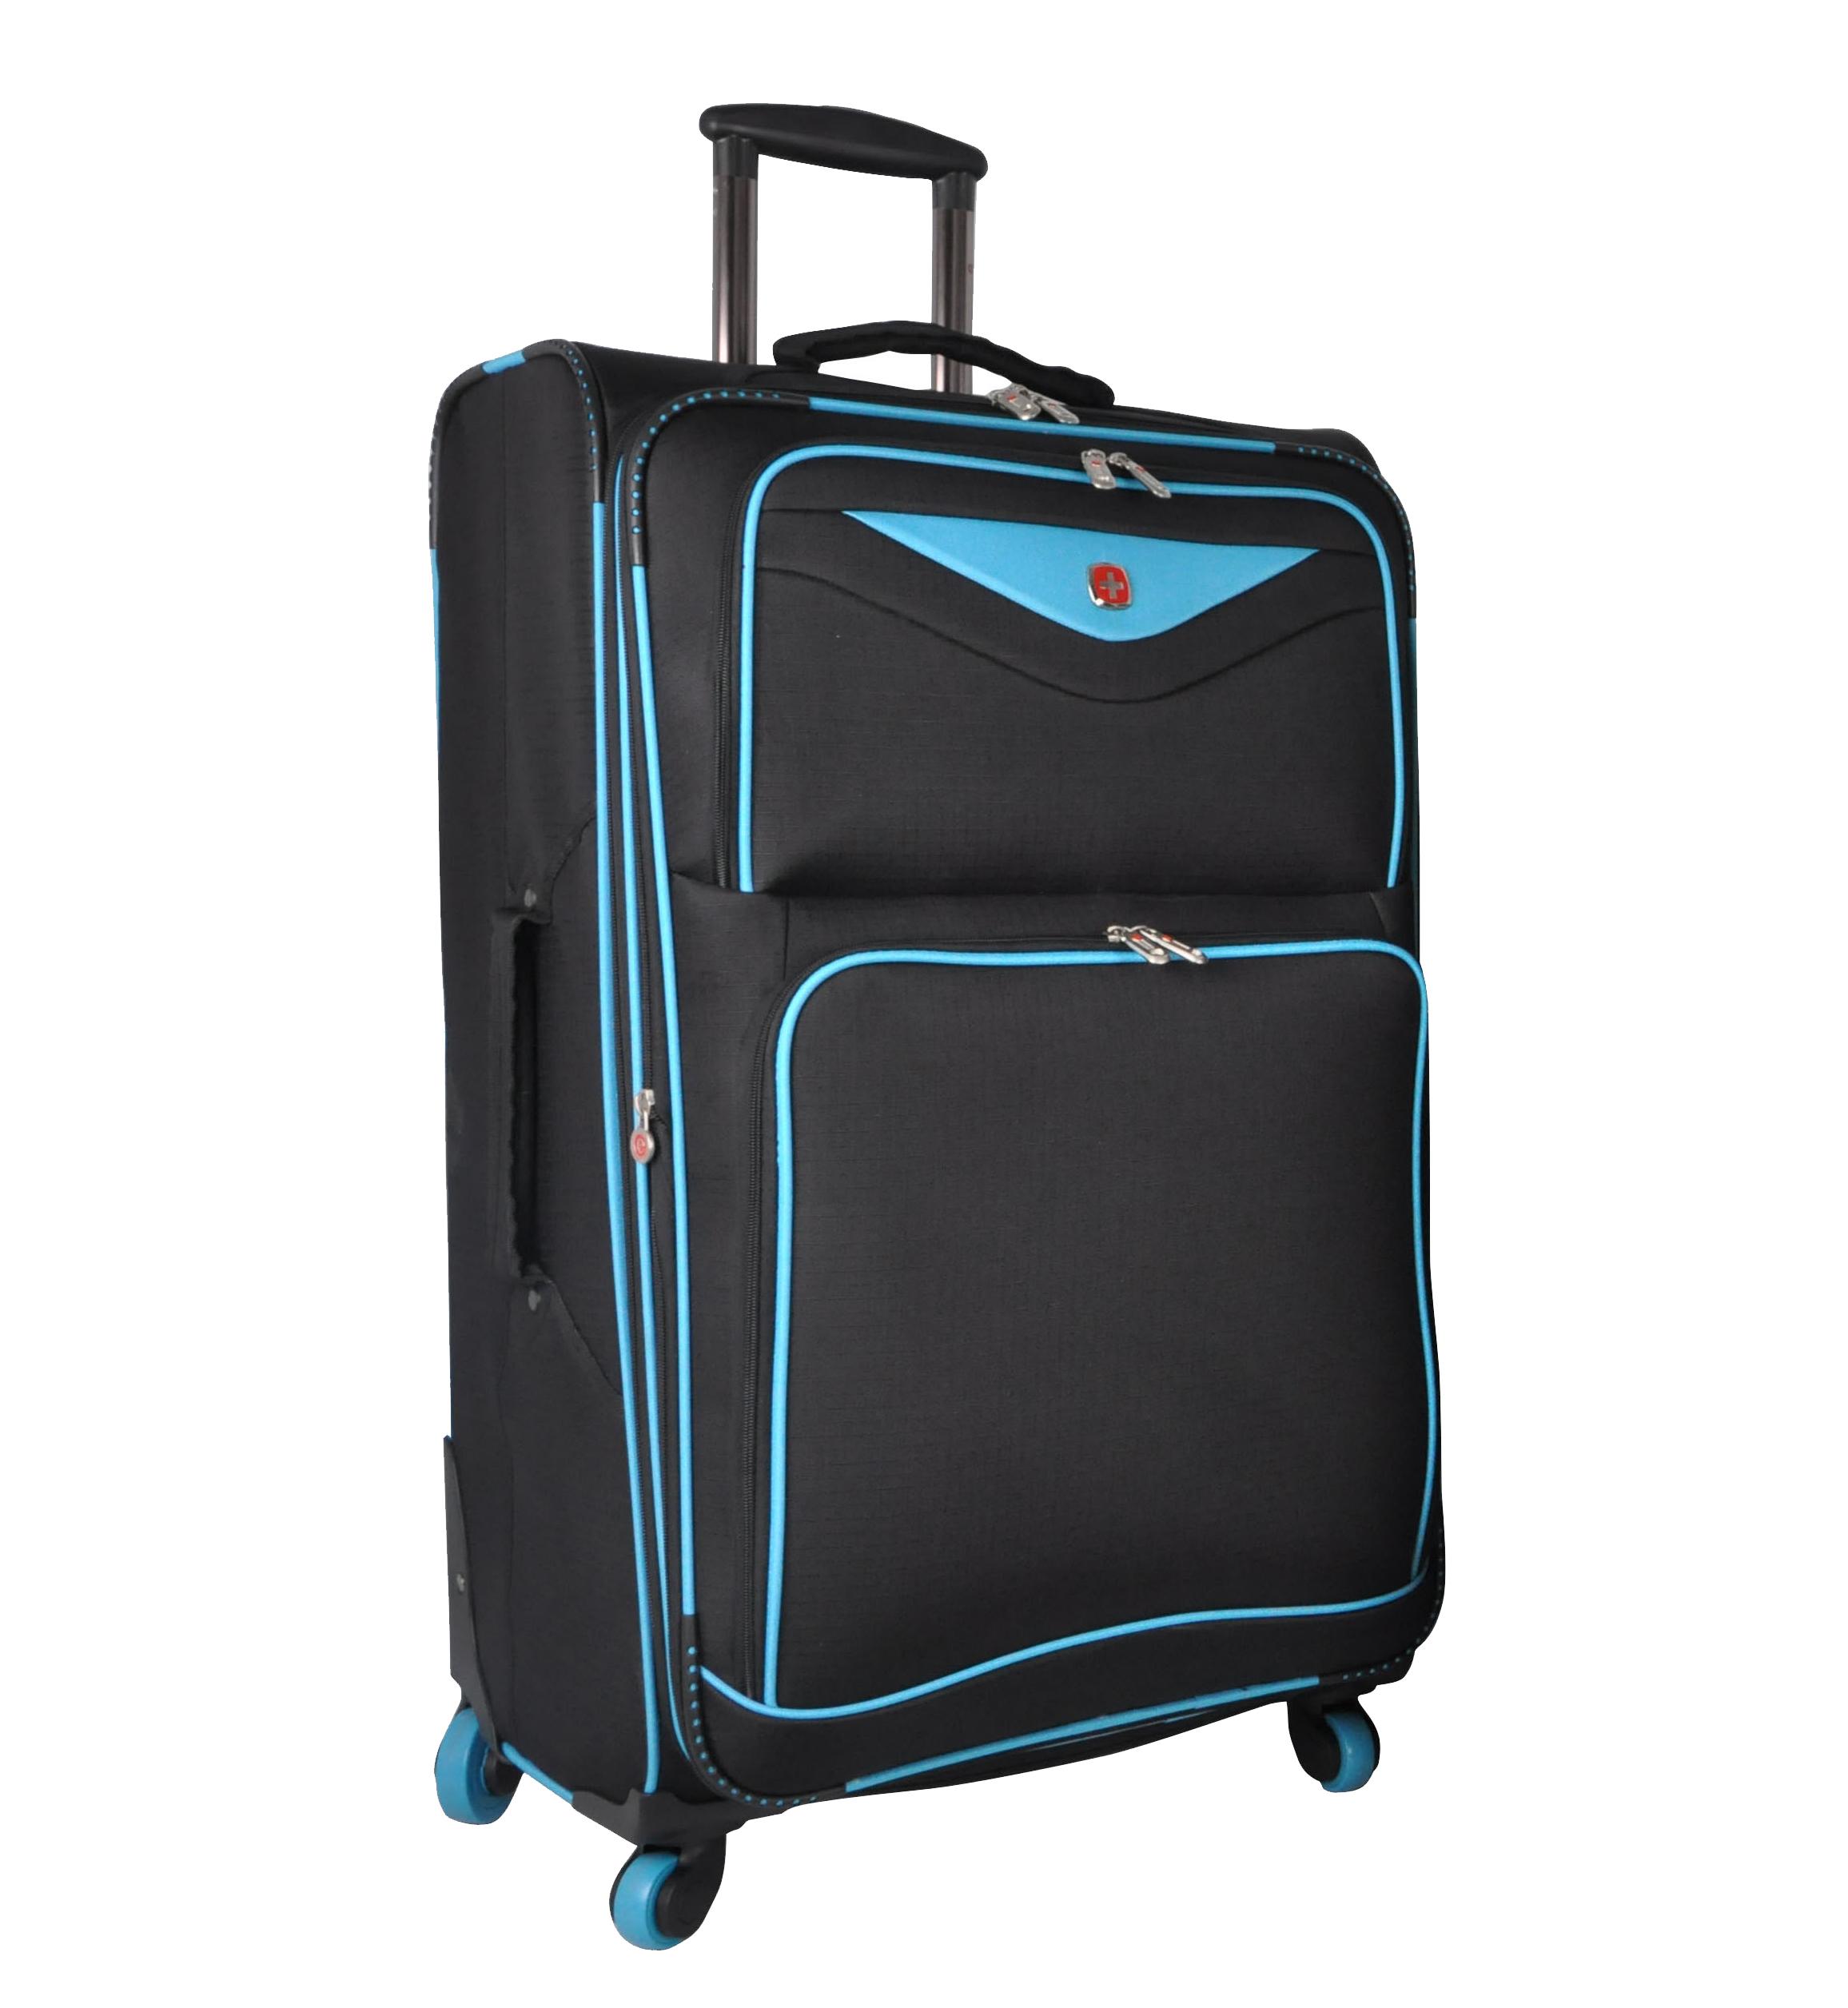 סט מזוודות SWISS smartcase